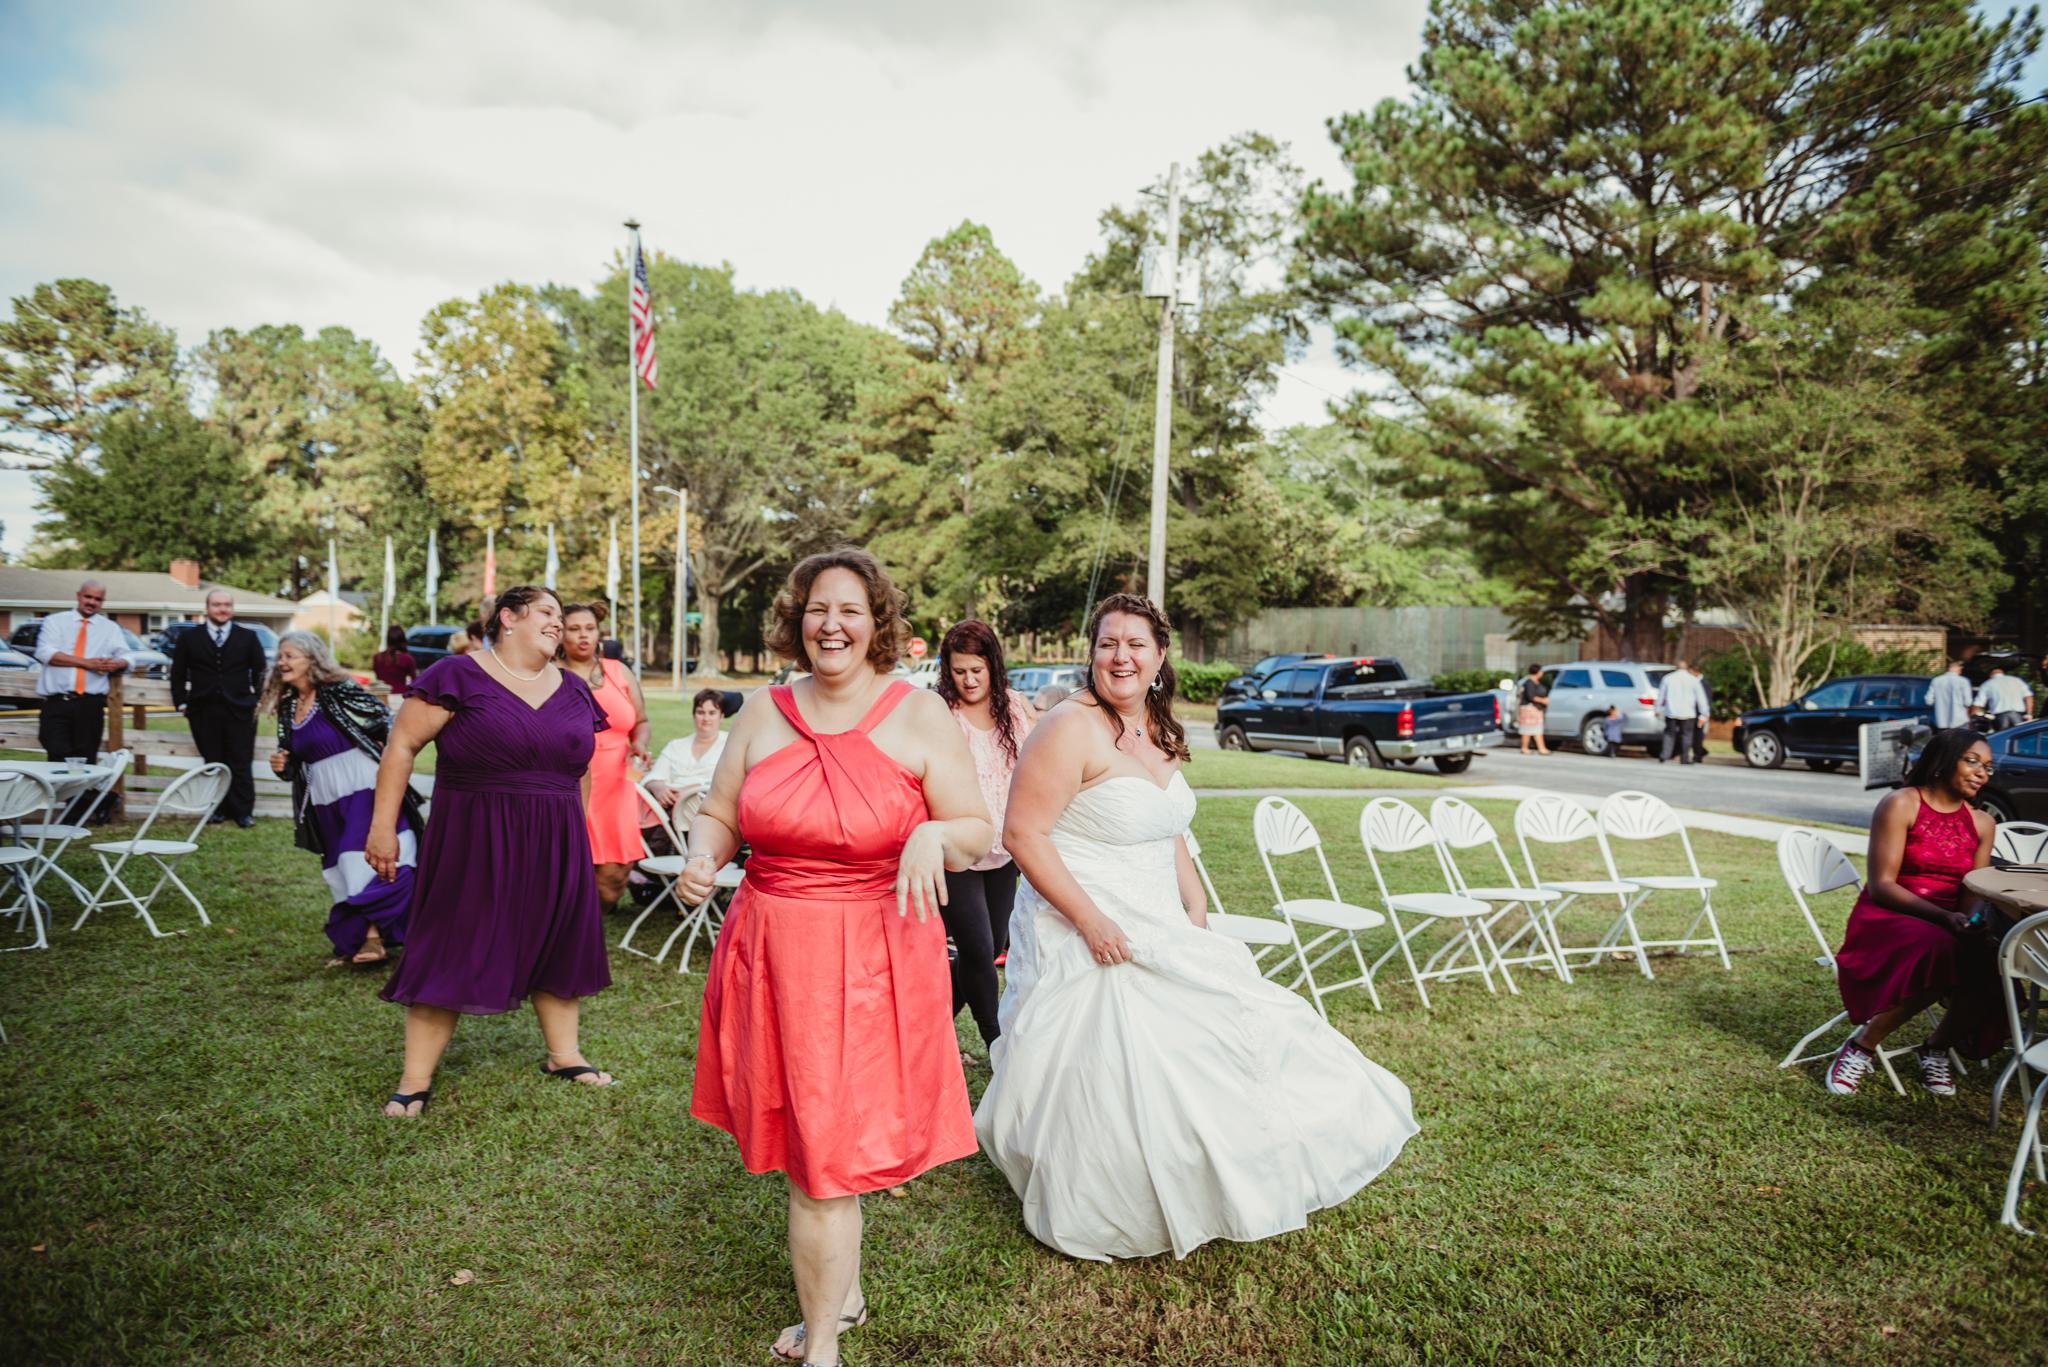 raleigh-wedding-outdoor-reception-dancing-cd.jpg